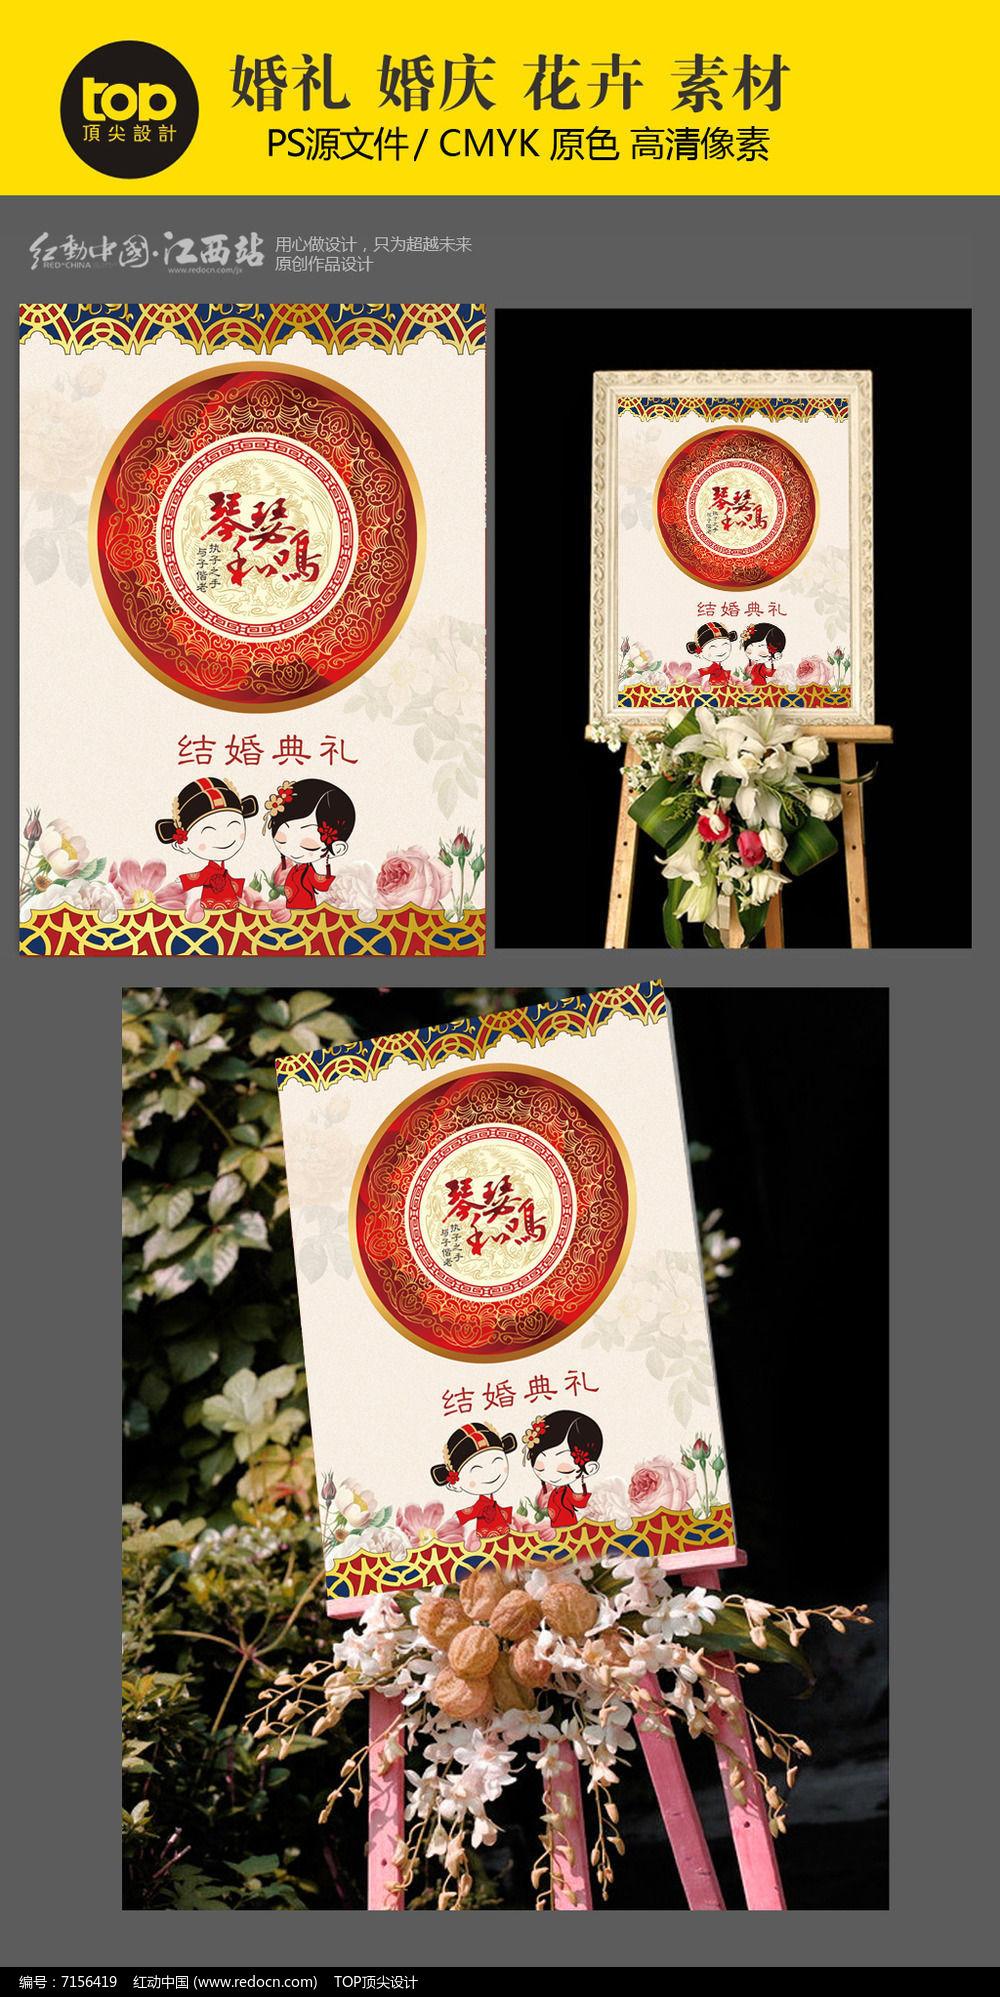 大红色典雅中式中国风古典汉式婚礼迎宾牌海报图片